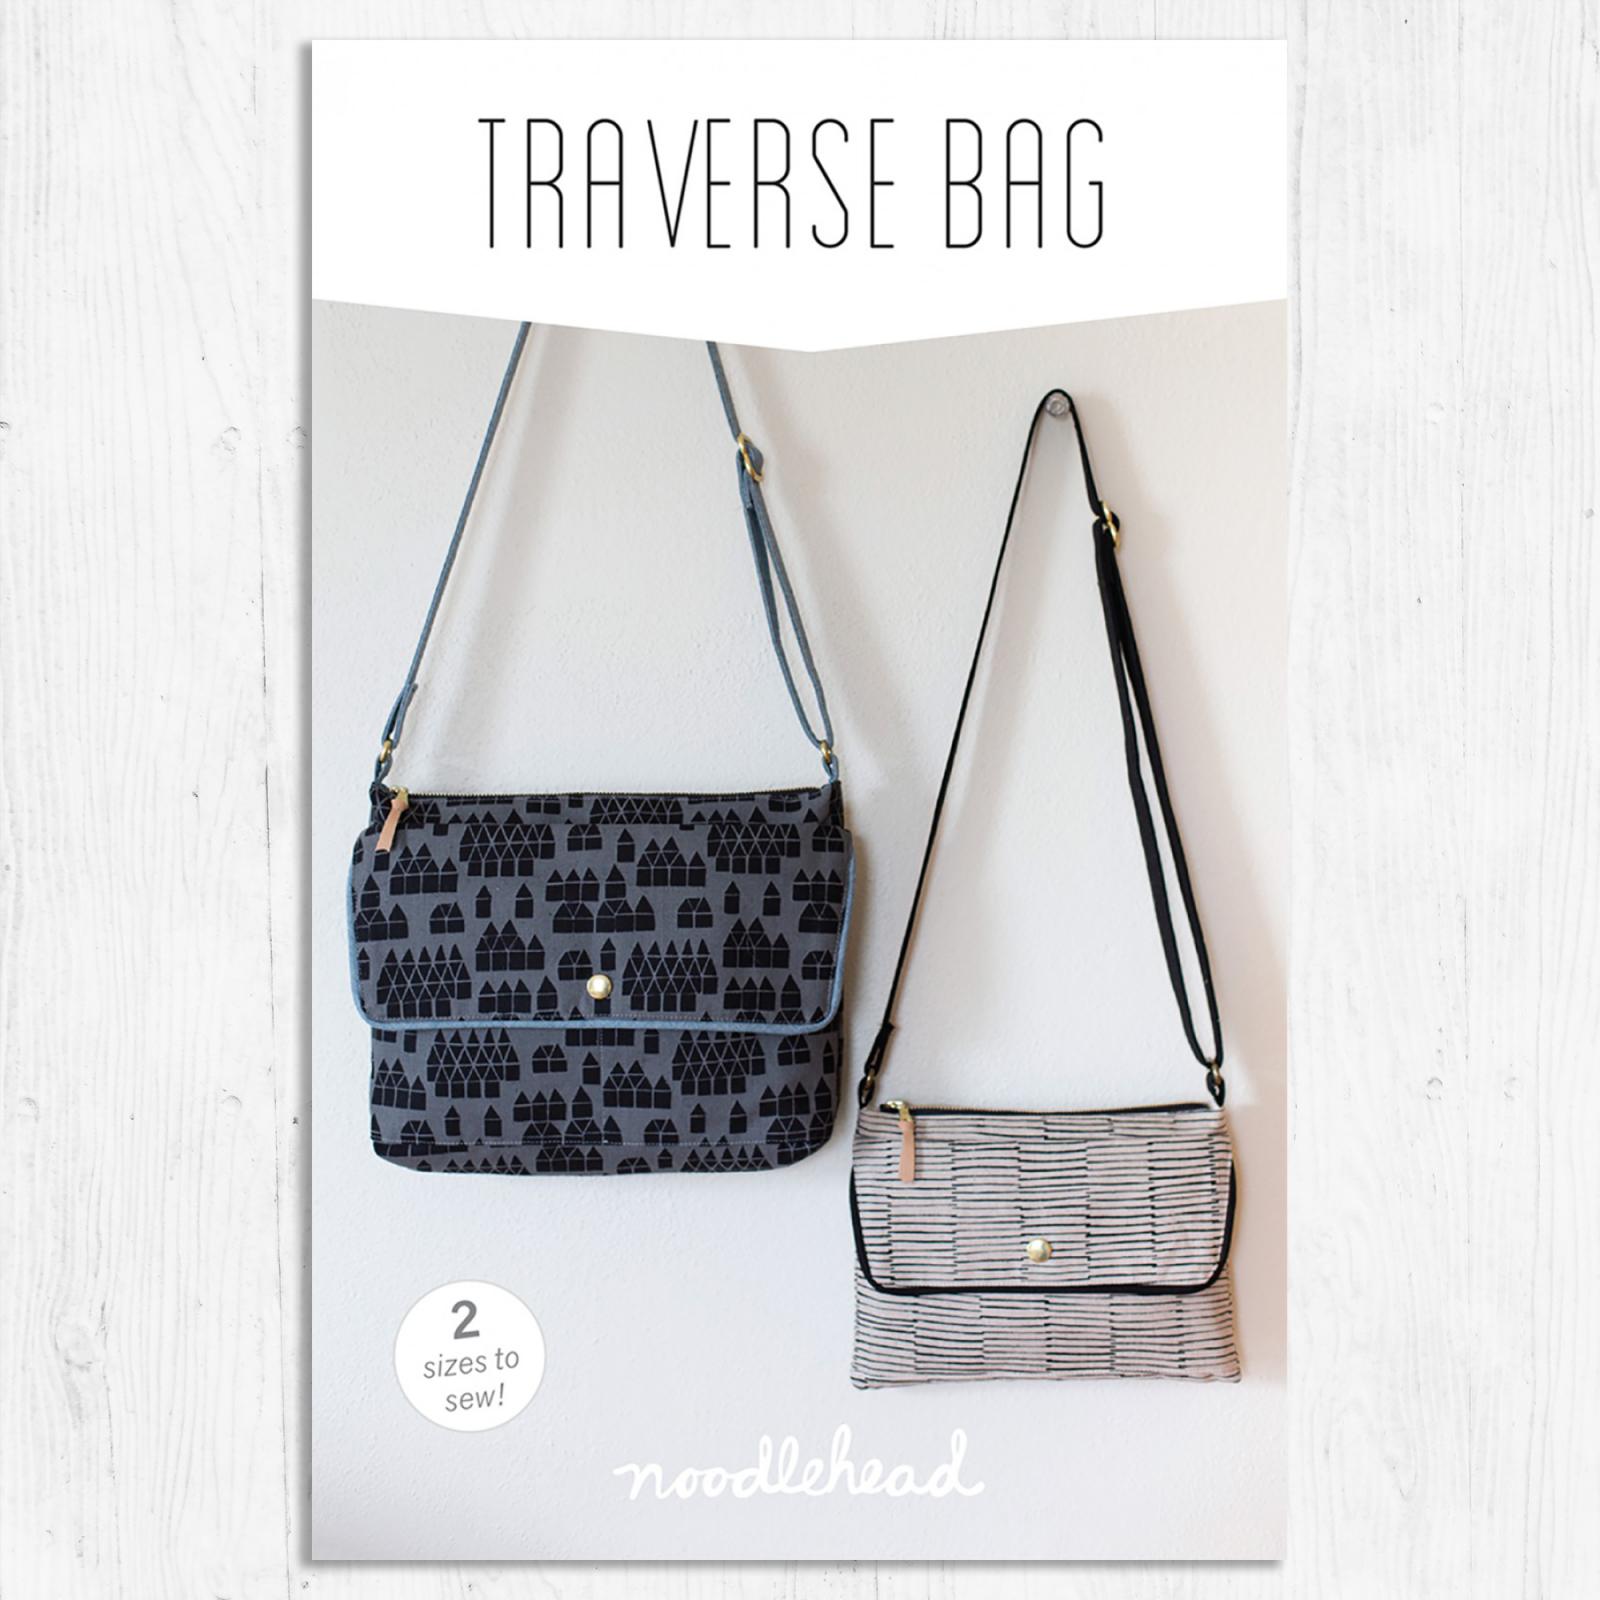 Noodlehead - Traverse Bag